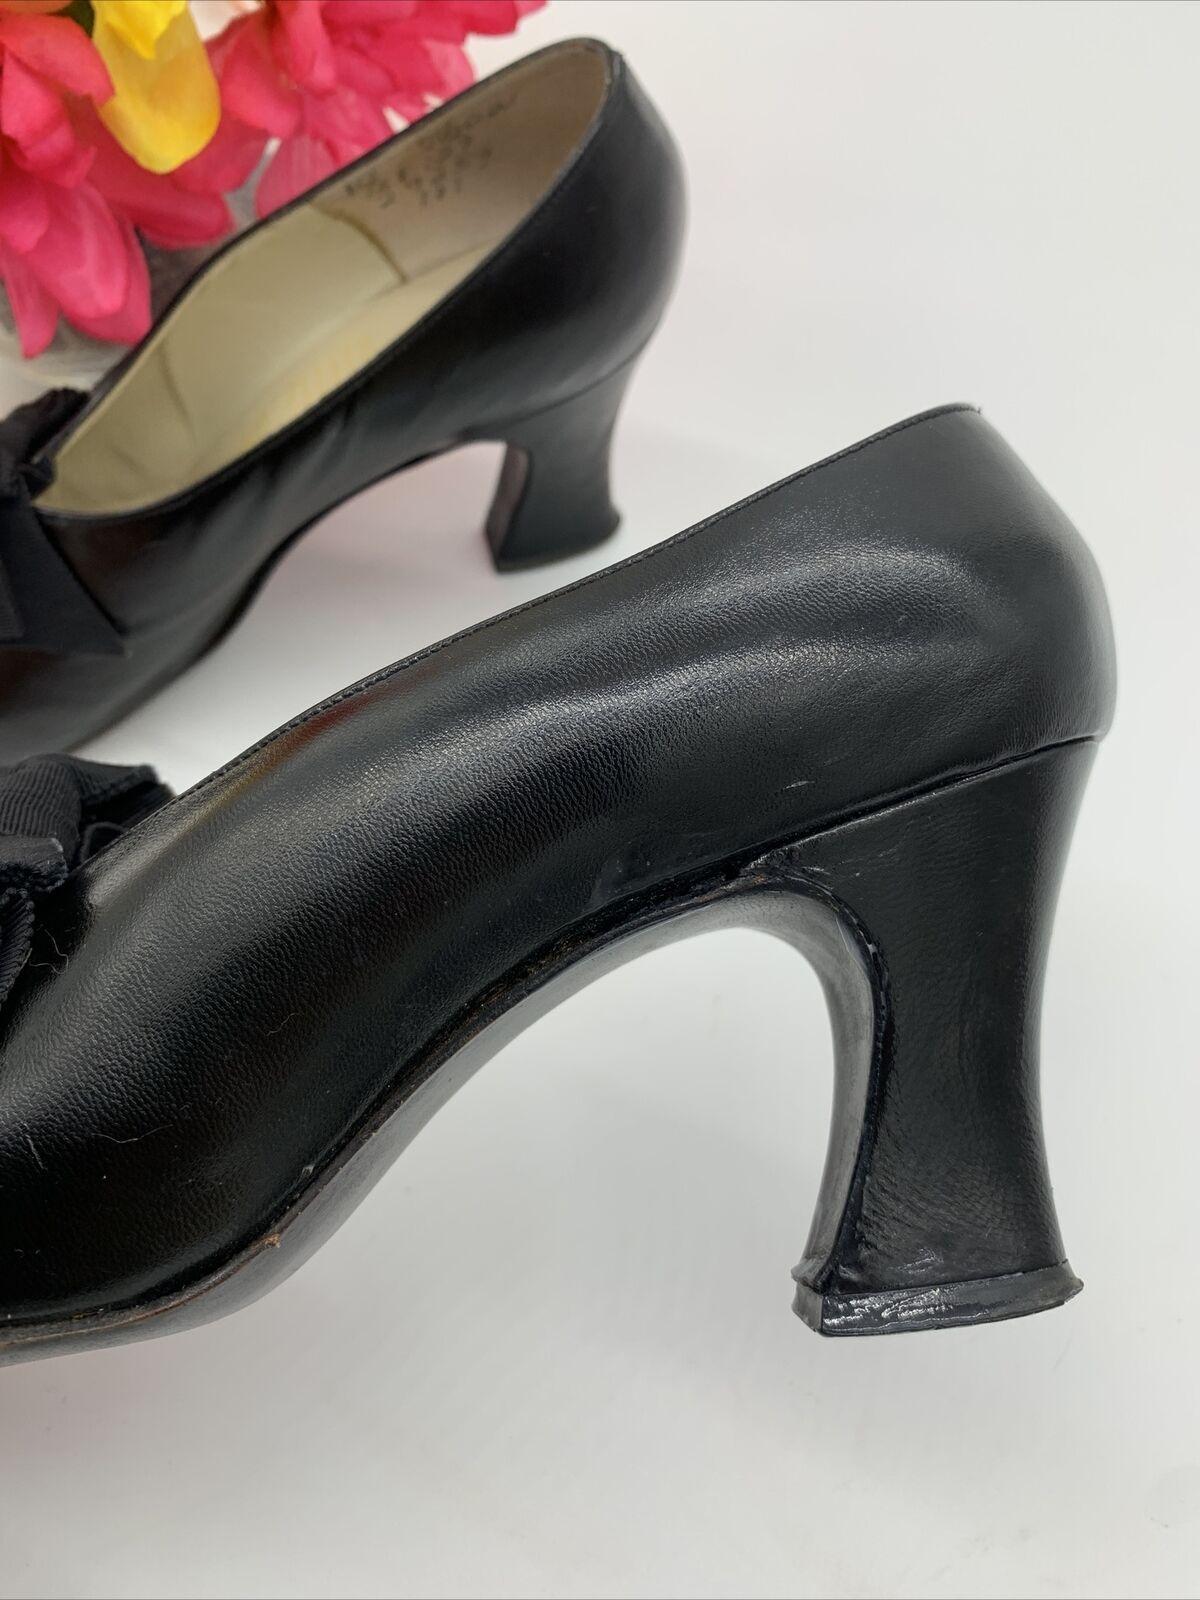 Antique Edwardian Bonwit Teller Black Leather Sho… - image 4